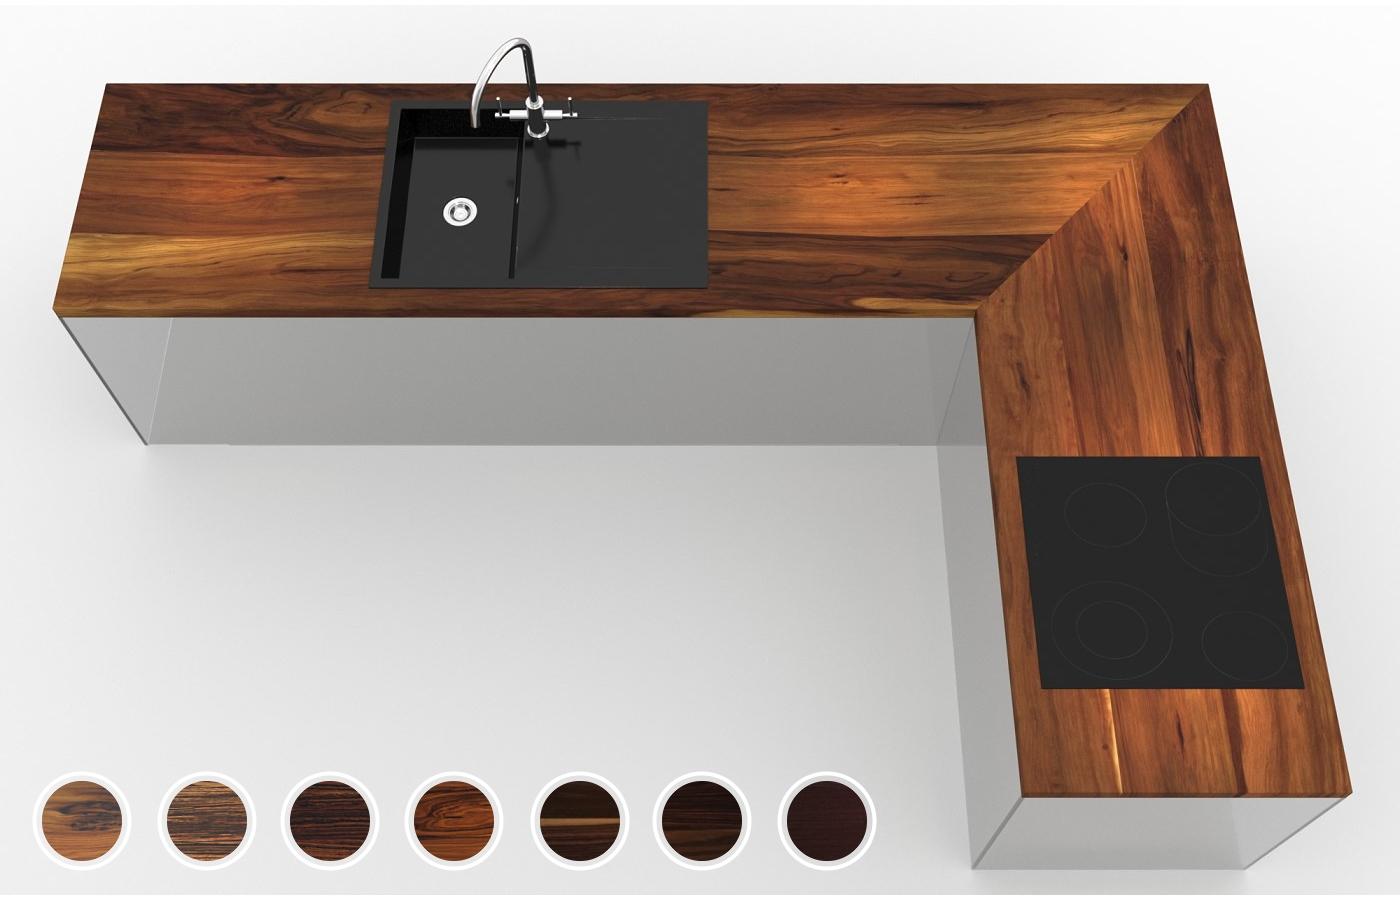 Full Size of Küche Sideboard Mit Arbeitsplatte Nach Ma Kchenplatte Konfigurieren Gaujo Esstisch Wasserhahn Sofa Relaxfunktion Elektrisch Pendelleuchten Granitplatten Poco Wohnzimmer Küche Sideboard Mit Arbeitsplatte